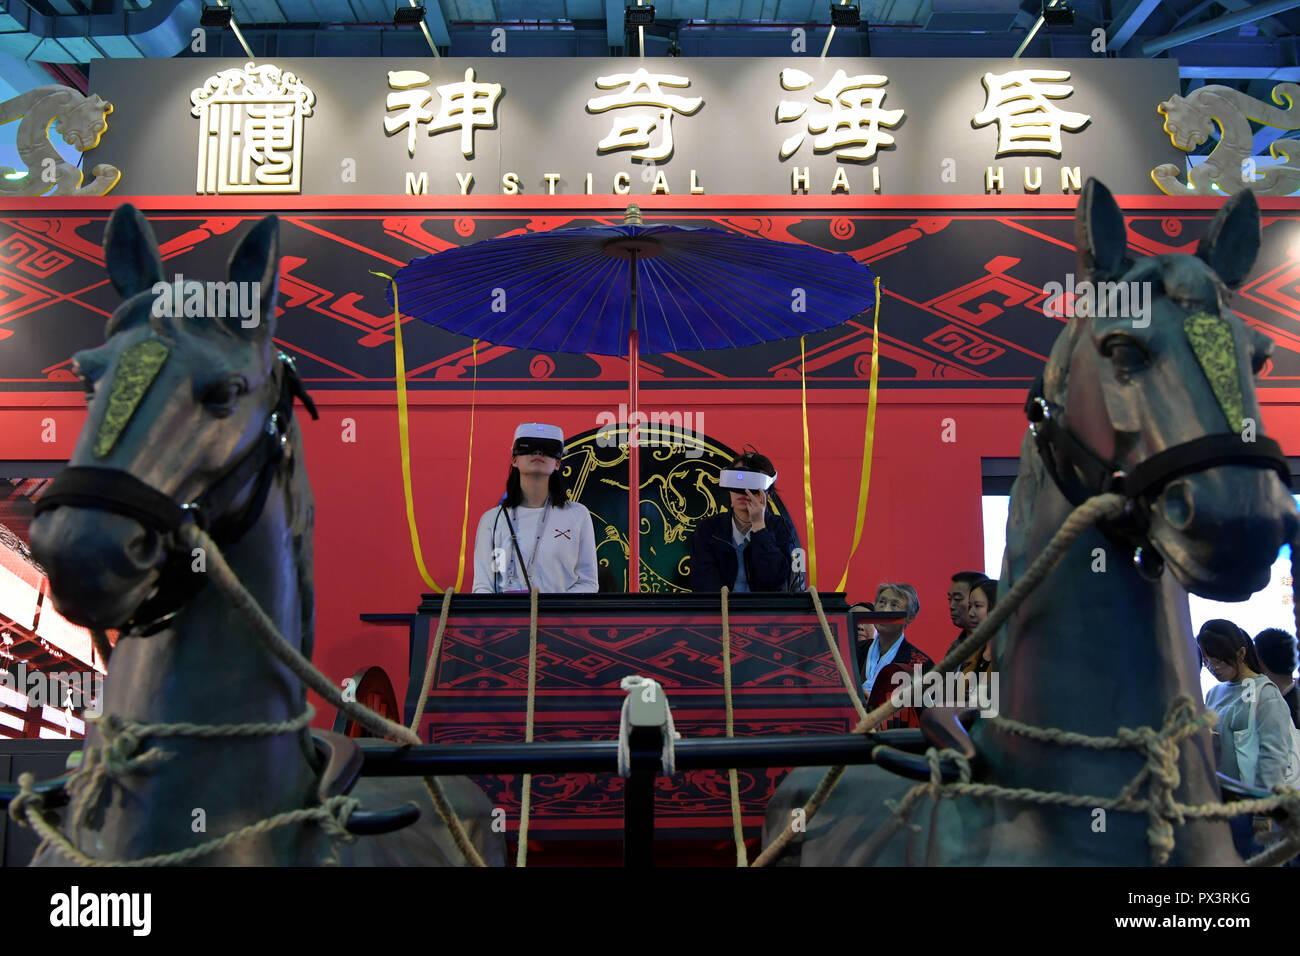 Nanchang, China's Jiangxi Province. Okt, 2018 19. Besucher tragen VR (Virtual Reality) Geräte archäologischen Kenntnisse während der Weltkonferenz 2018 auf VR-Industrie in Nanchang, der ostchinesischen Provinz Jiangxi, Okt. 19, 2018 zu erfahren. Die 2018 Welt Konferenz über VR-Industrie eröffnet hier am Freitag. Die dreitägige Veranstaltung mehr als 150 globalen Aussteller im Virtual reality Feld zieht. Credit: Peng Zhaozhi/Xinhua/Alamy leben Nachrichten Stockbild